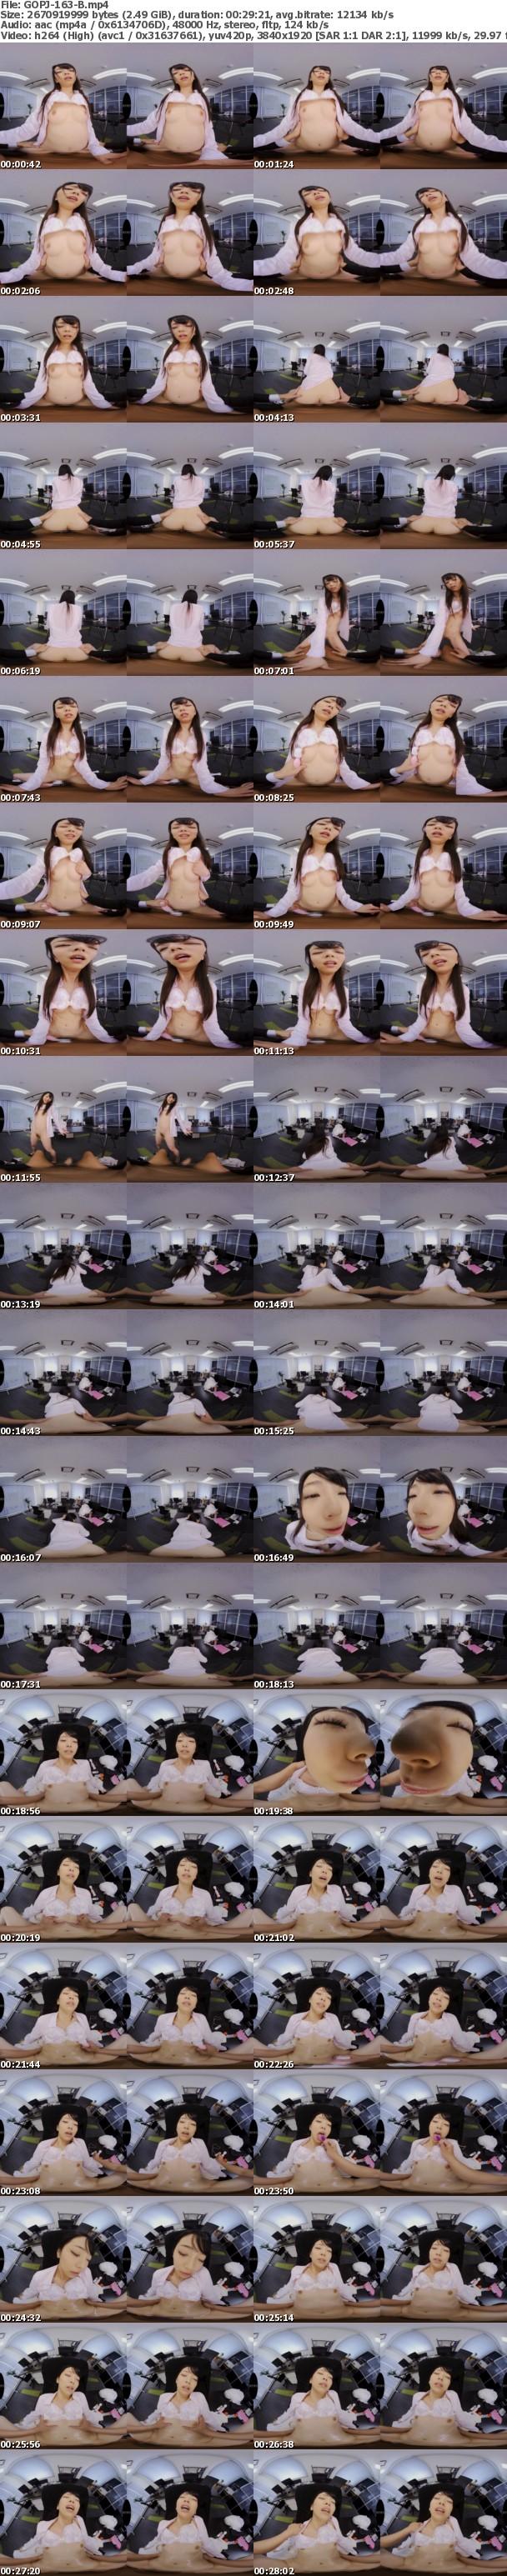 (VR) GOPJ-163 劇的高画質 新川優里 身を捧げて開発した! 即刻却下で捨て身の実演プレゼン!?「試せばわかりますよ、社長…一緒に気持ち良くなりましょ…失礼します…!」ヌルヌルぶるぶるで興奮度MAX 【2発射】